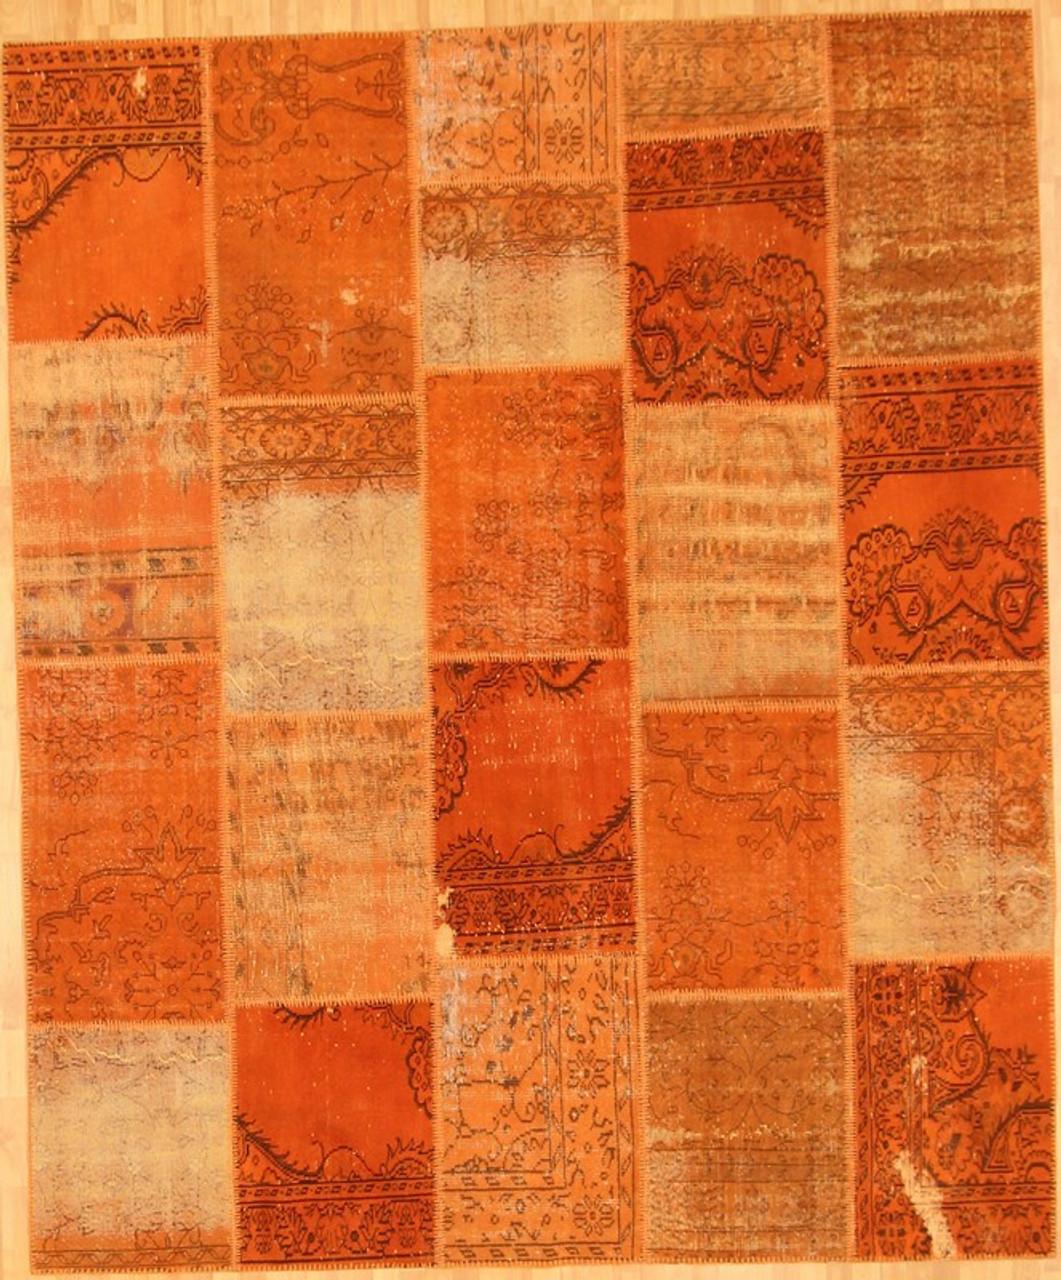 Turkish Rug Orange: Turkish Patchwork Rugs- Orange Tangelo